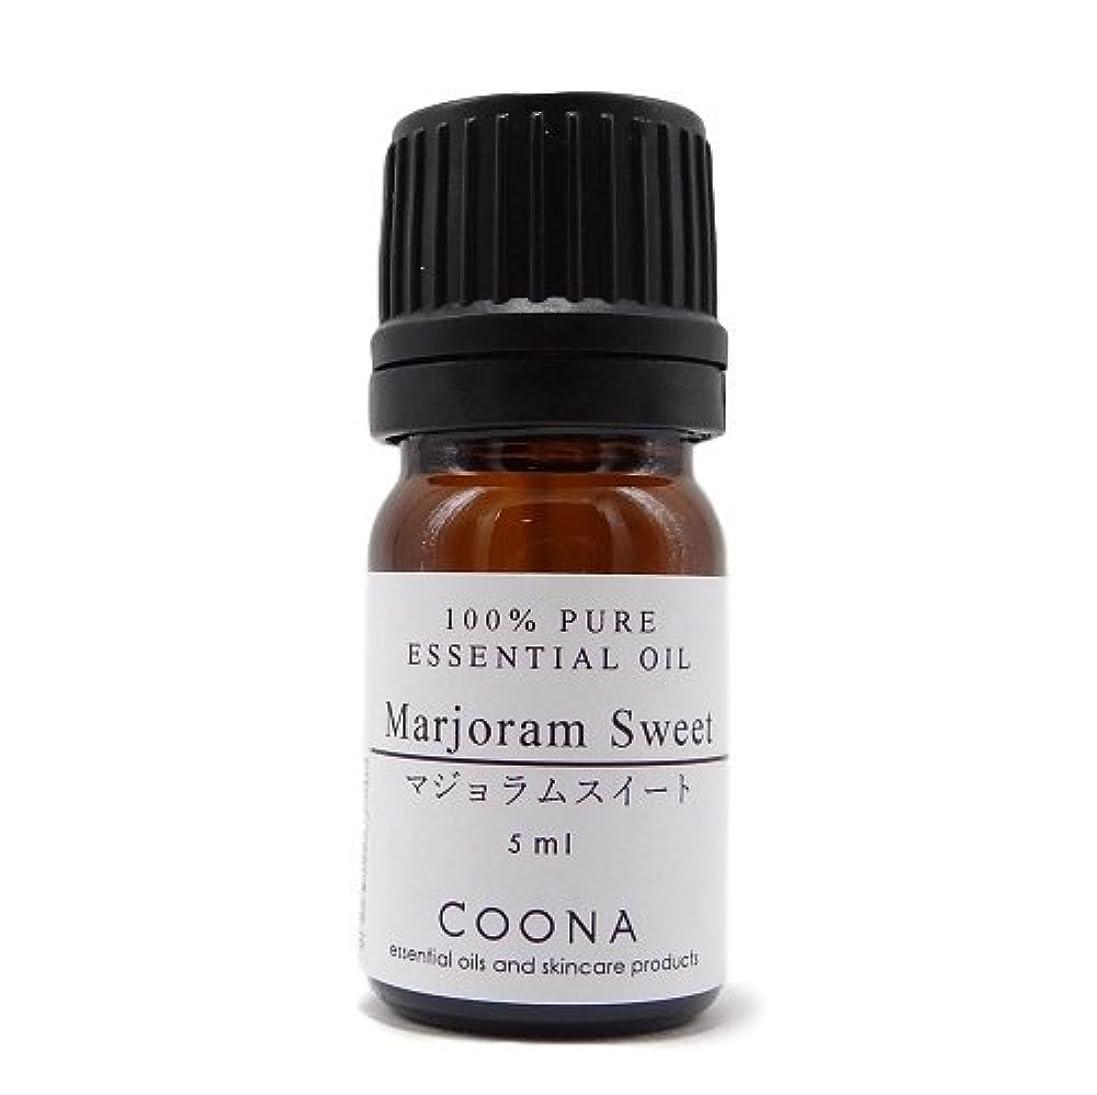 免疫するタワー最後のマジョラム スイート 5 ml (COONA エッセンシャルオイル アロマオイル 100%天然植物精油)